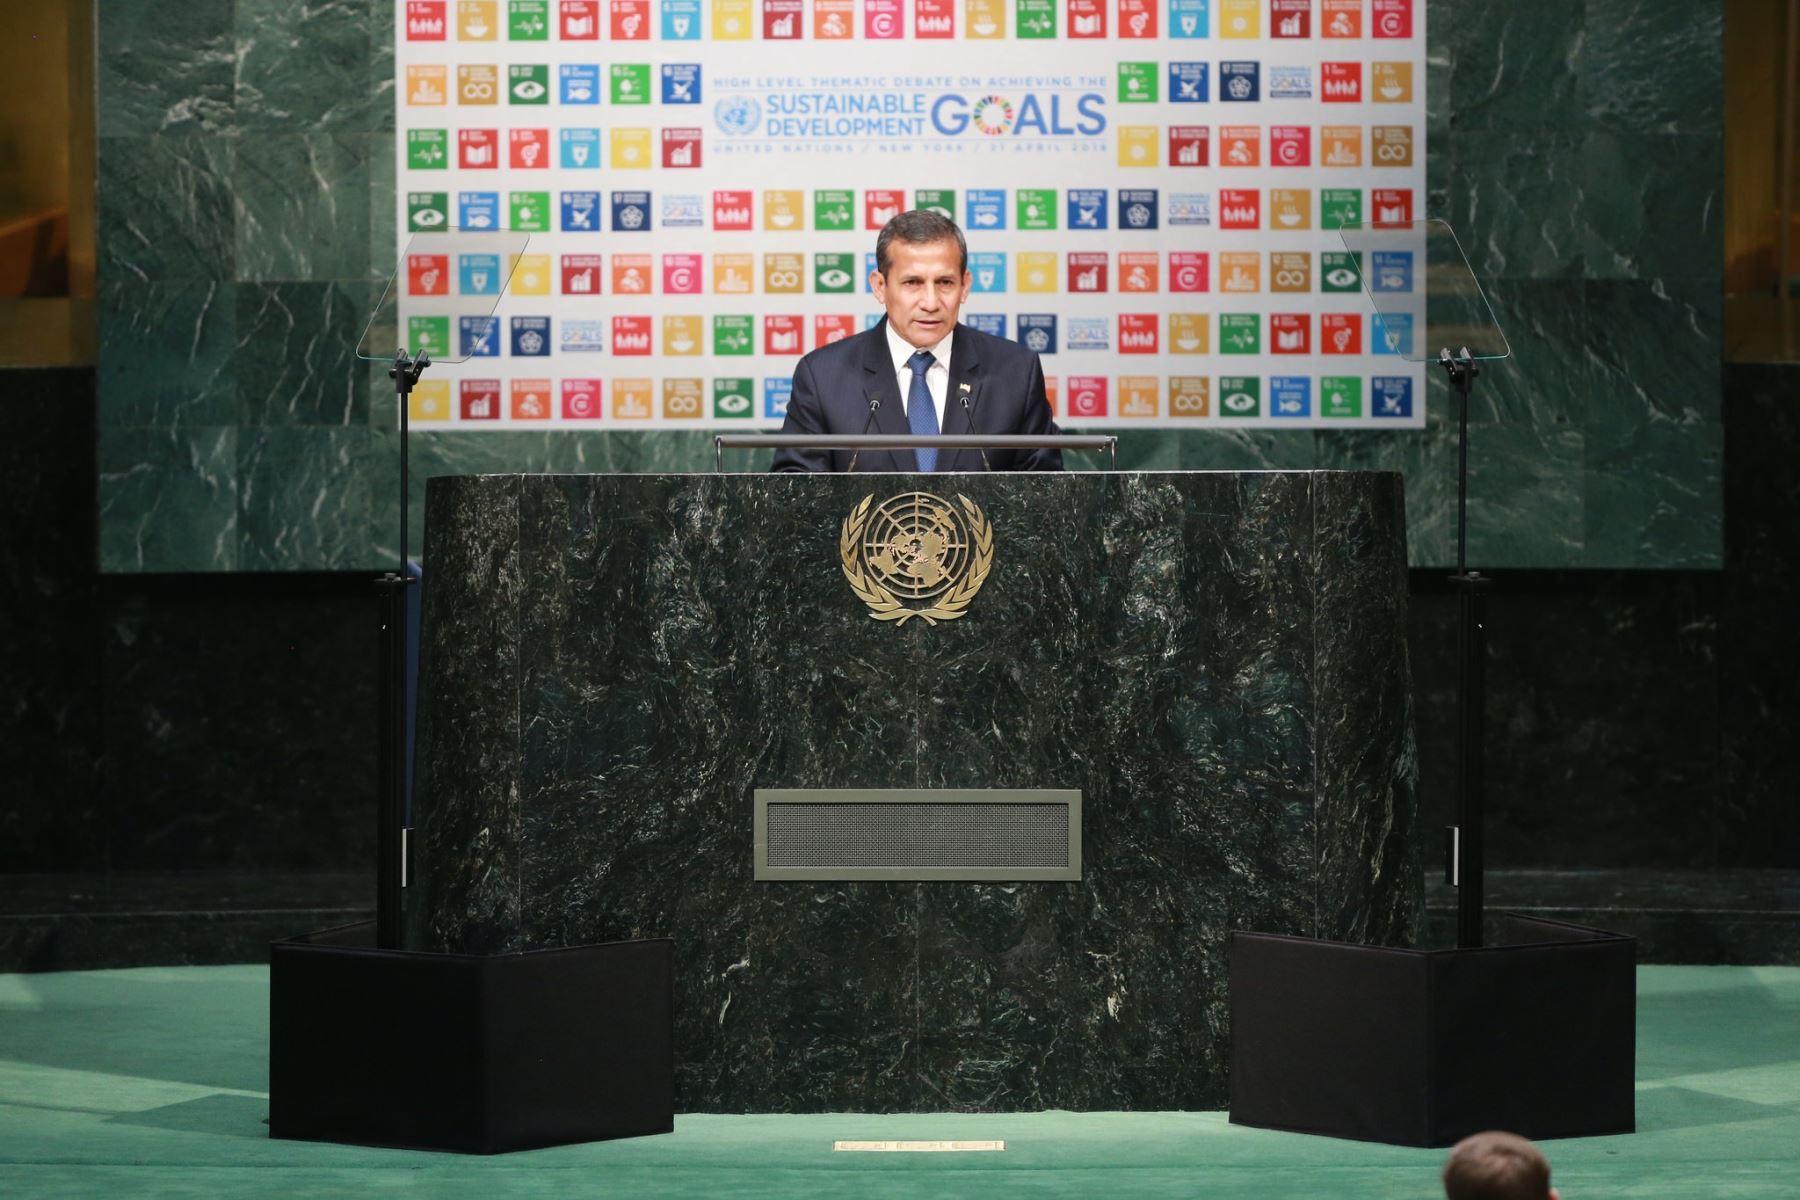 Exposición del presidente Ollanta Humala en el debate temático de alto nivel sobre el logro de los Objetivos de Desarrollo Sostenible (ODS), en Nueva York.